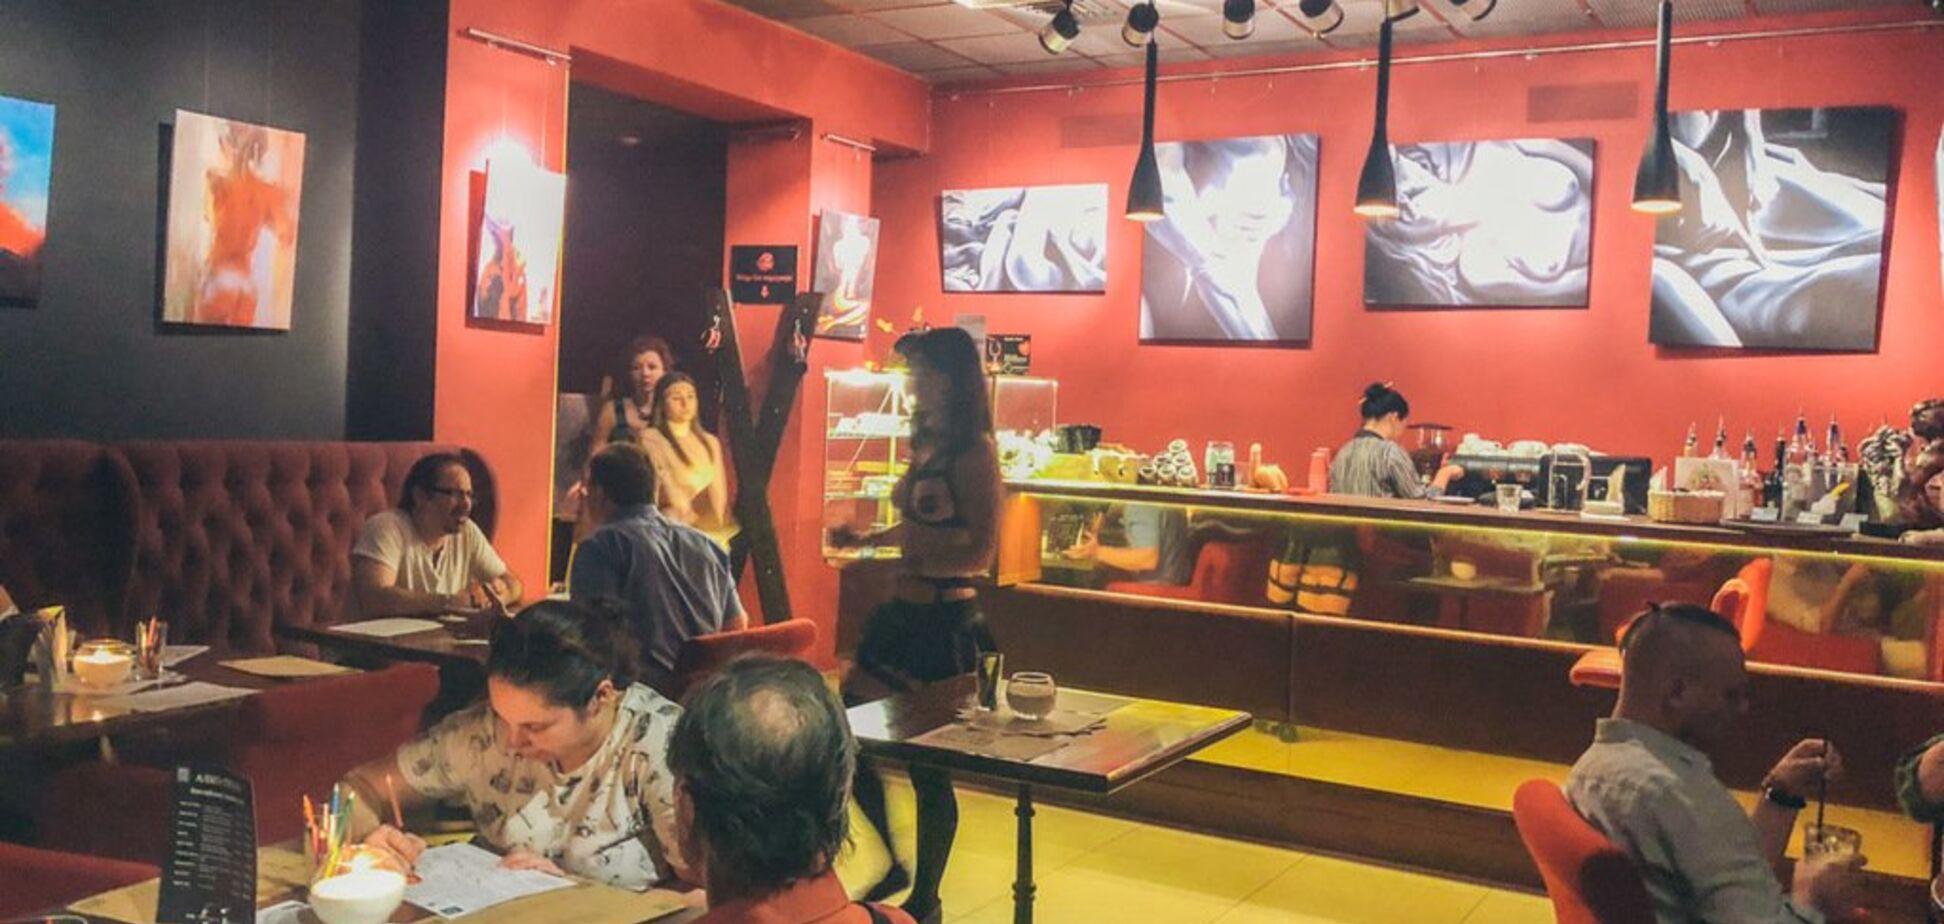 В Киеве есть кафе с полуголыми официантками: пикантное видео